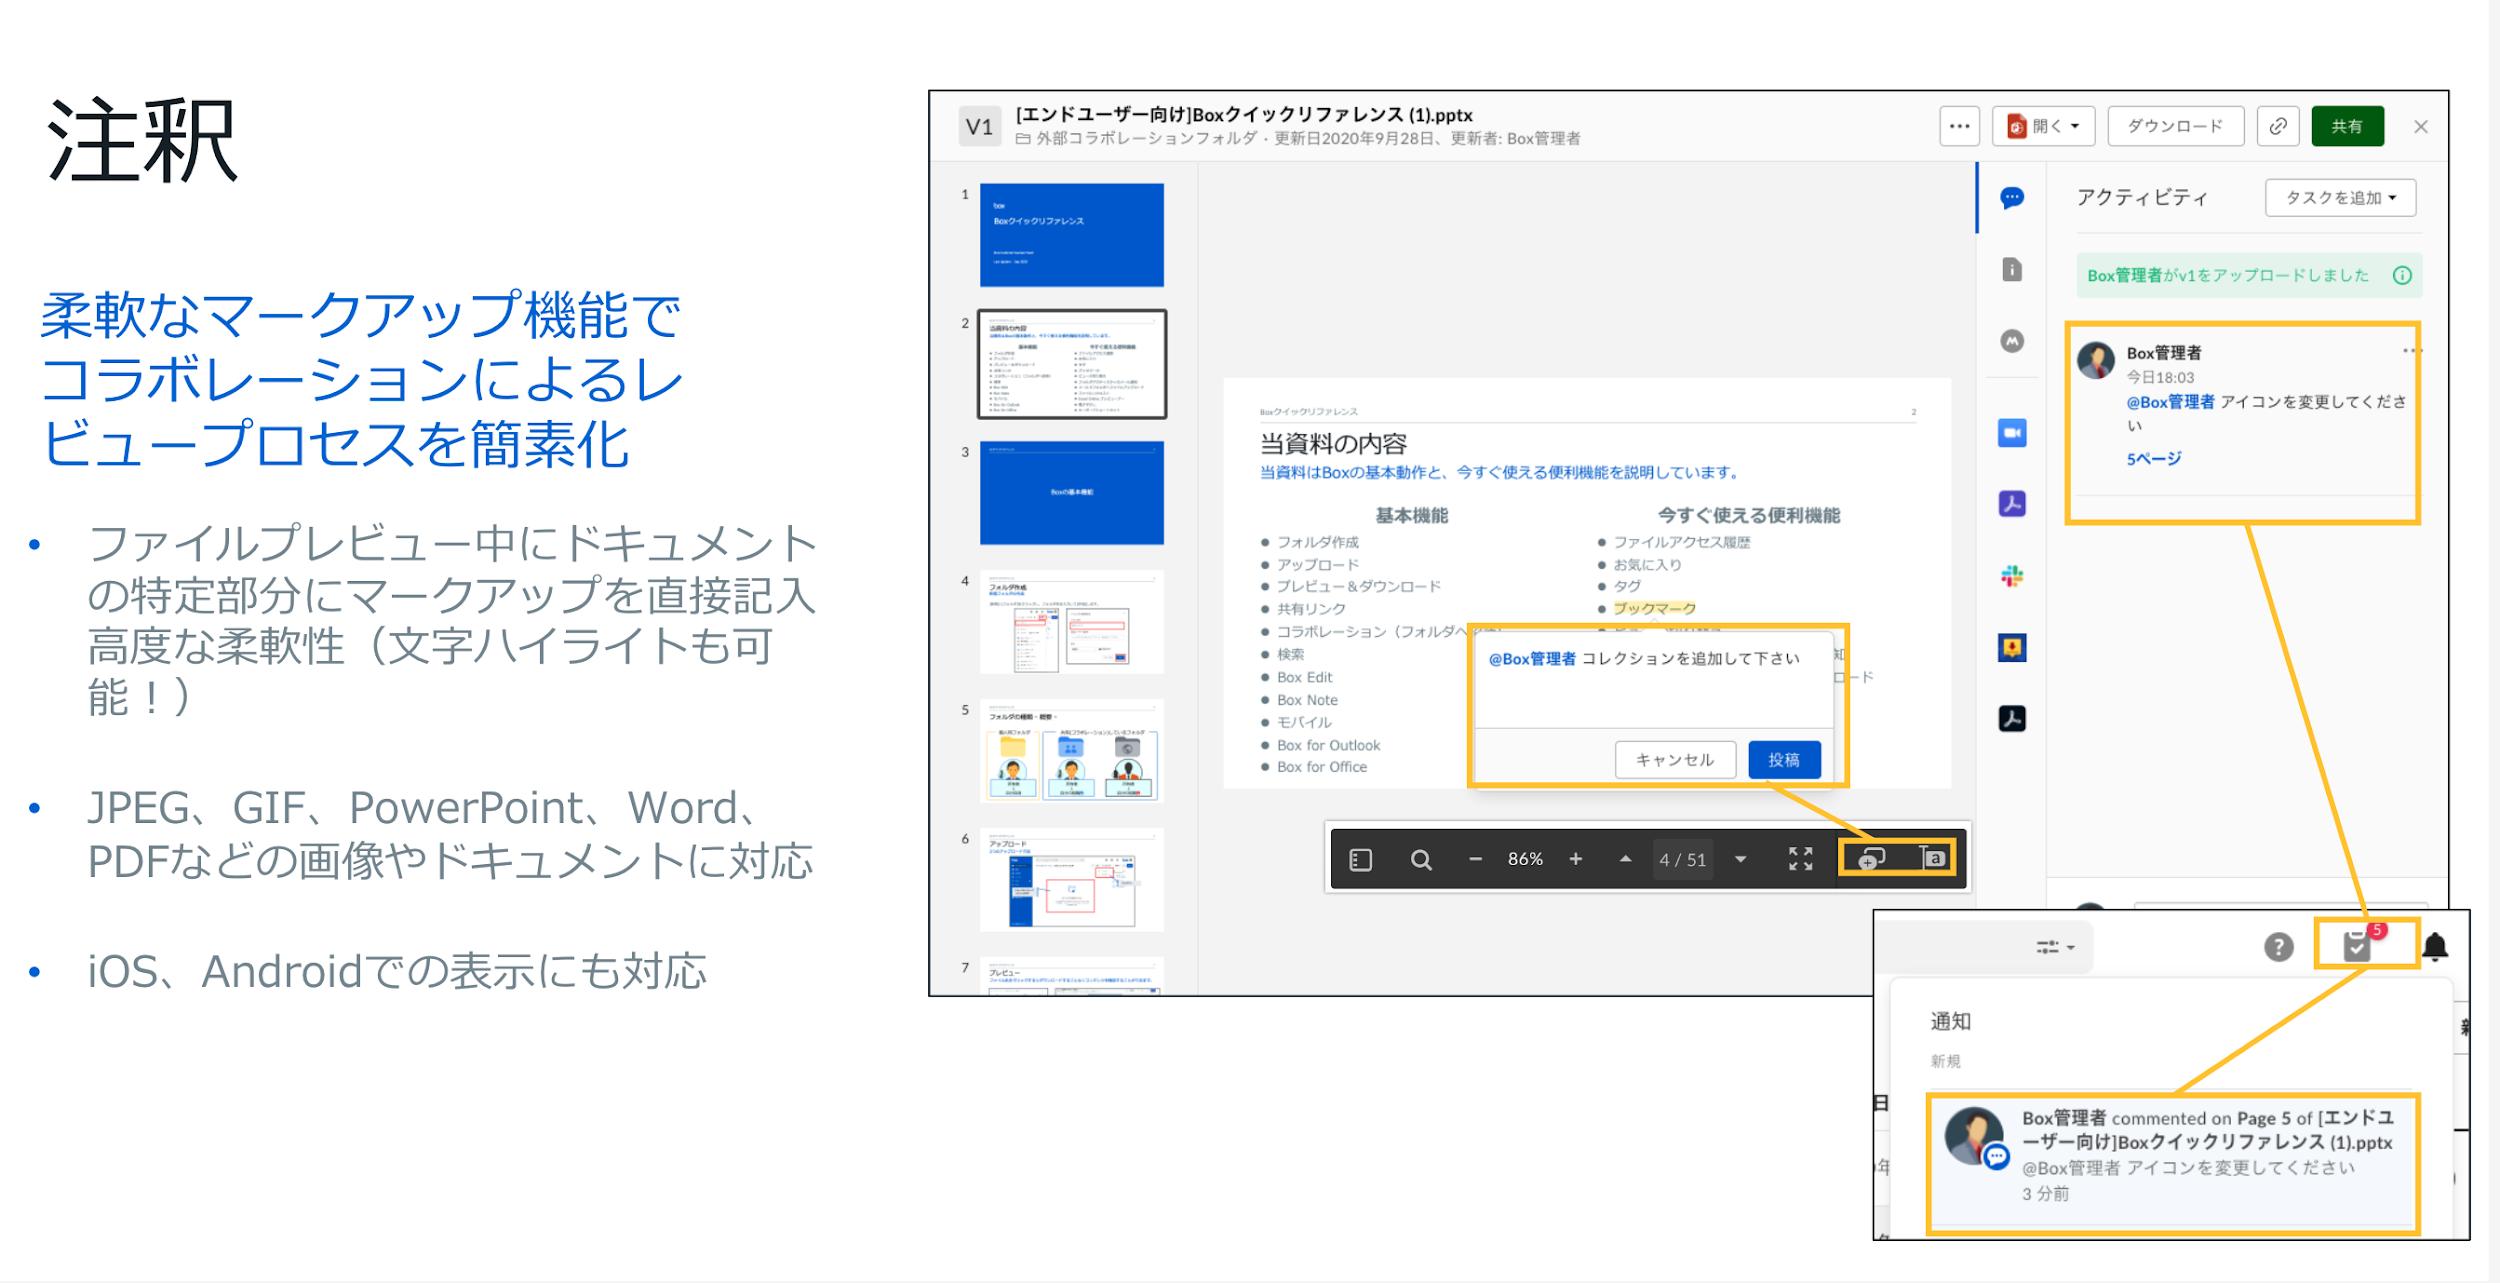 BJCC第12回Meetup開催レポート: 「ファイル保管庫」として使うだけではもったいない——レビューもワークフローもこなせる「Box」の潜在能力を解放せよ05